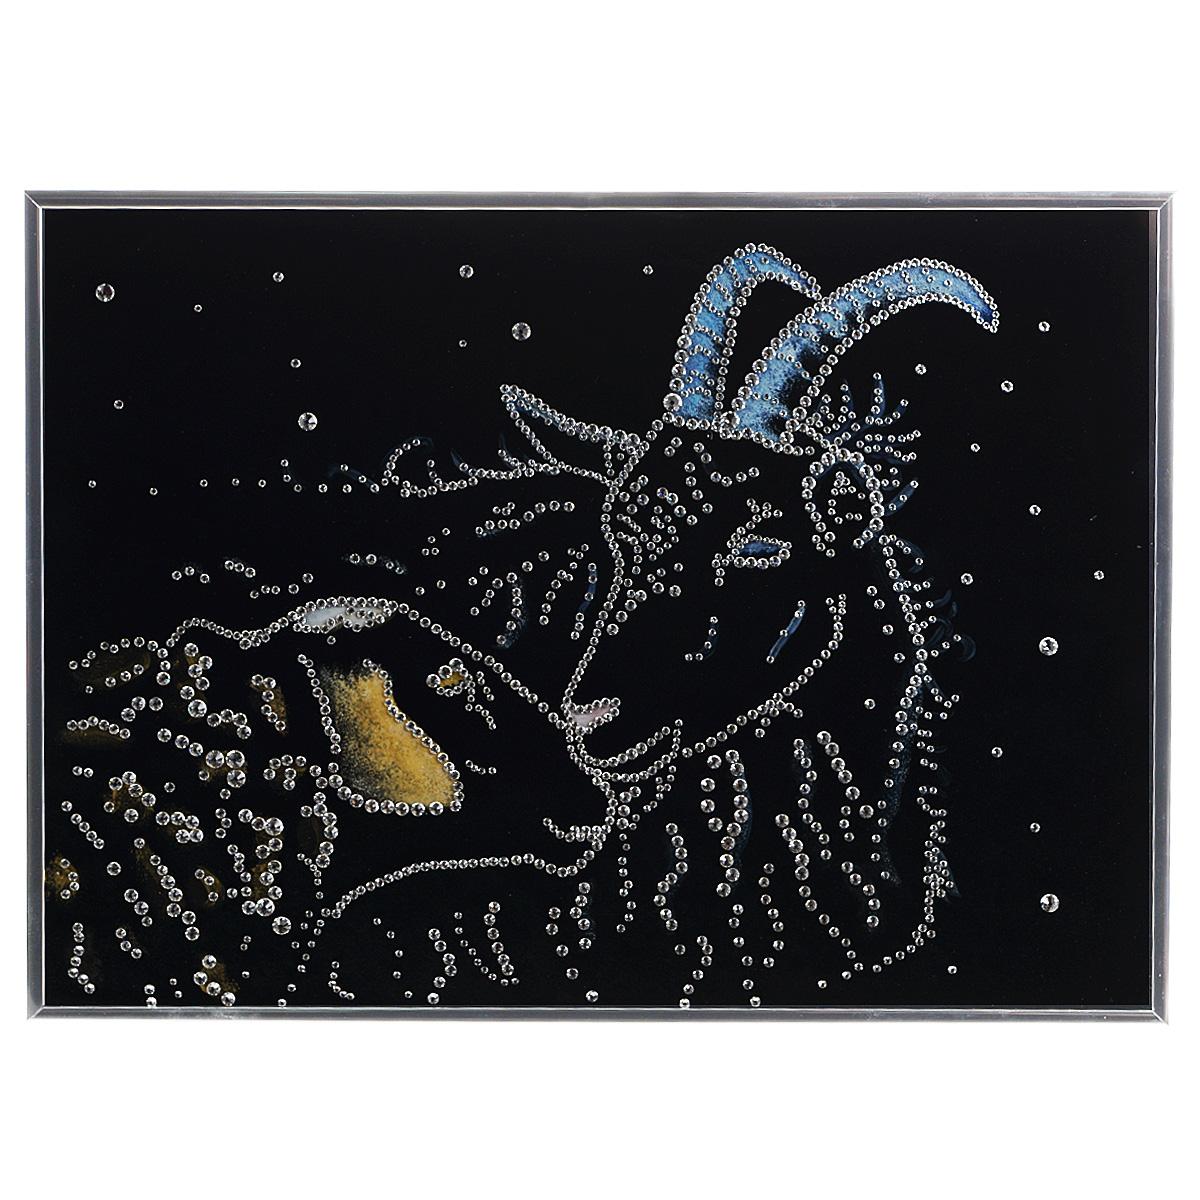 Картина с кристаллами Swarovski Овечка и козел, 40 см х 30 см12723Изящная картина в алюминиевой раме Овечка и козел инкрустирована кристаллами Swarovski, которые отличаются четкой и ровной огранкой, ярким блеском и чистотой цвета. Идеально подобранная палитра кристаллов прекрасно дополняет картину. С задней стороны изделие оснащено специальной металлической петелькой для размещения на стене. Картина с кристаллами Swarovski элегантно украсит интерьер дома, а также станет прекрасным подарком, который обязательно понравится получателю. Блеск кристаллов в интерьере - что может быть сказочнее и удивительнее. Изделие упаковано в подарочную картонную коробку синего цвета и комплектуется сертификатом соответствия Swarovski.